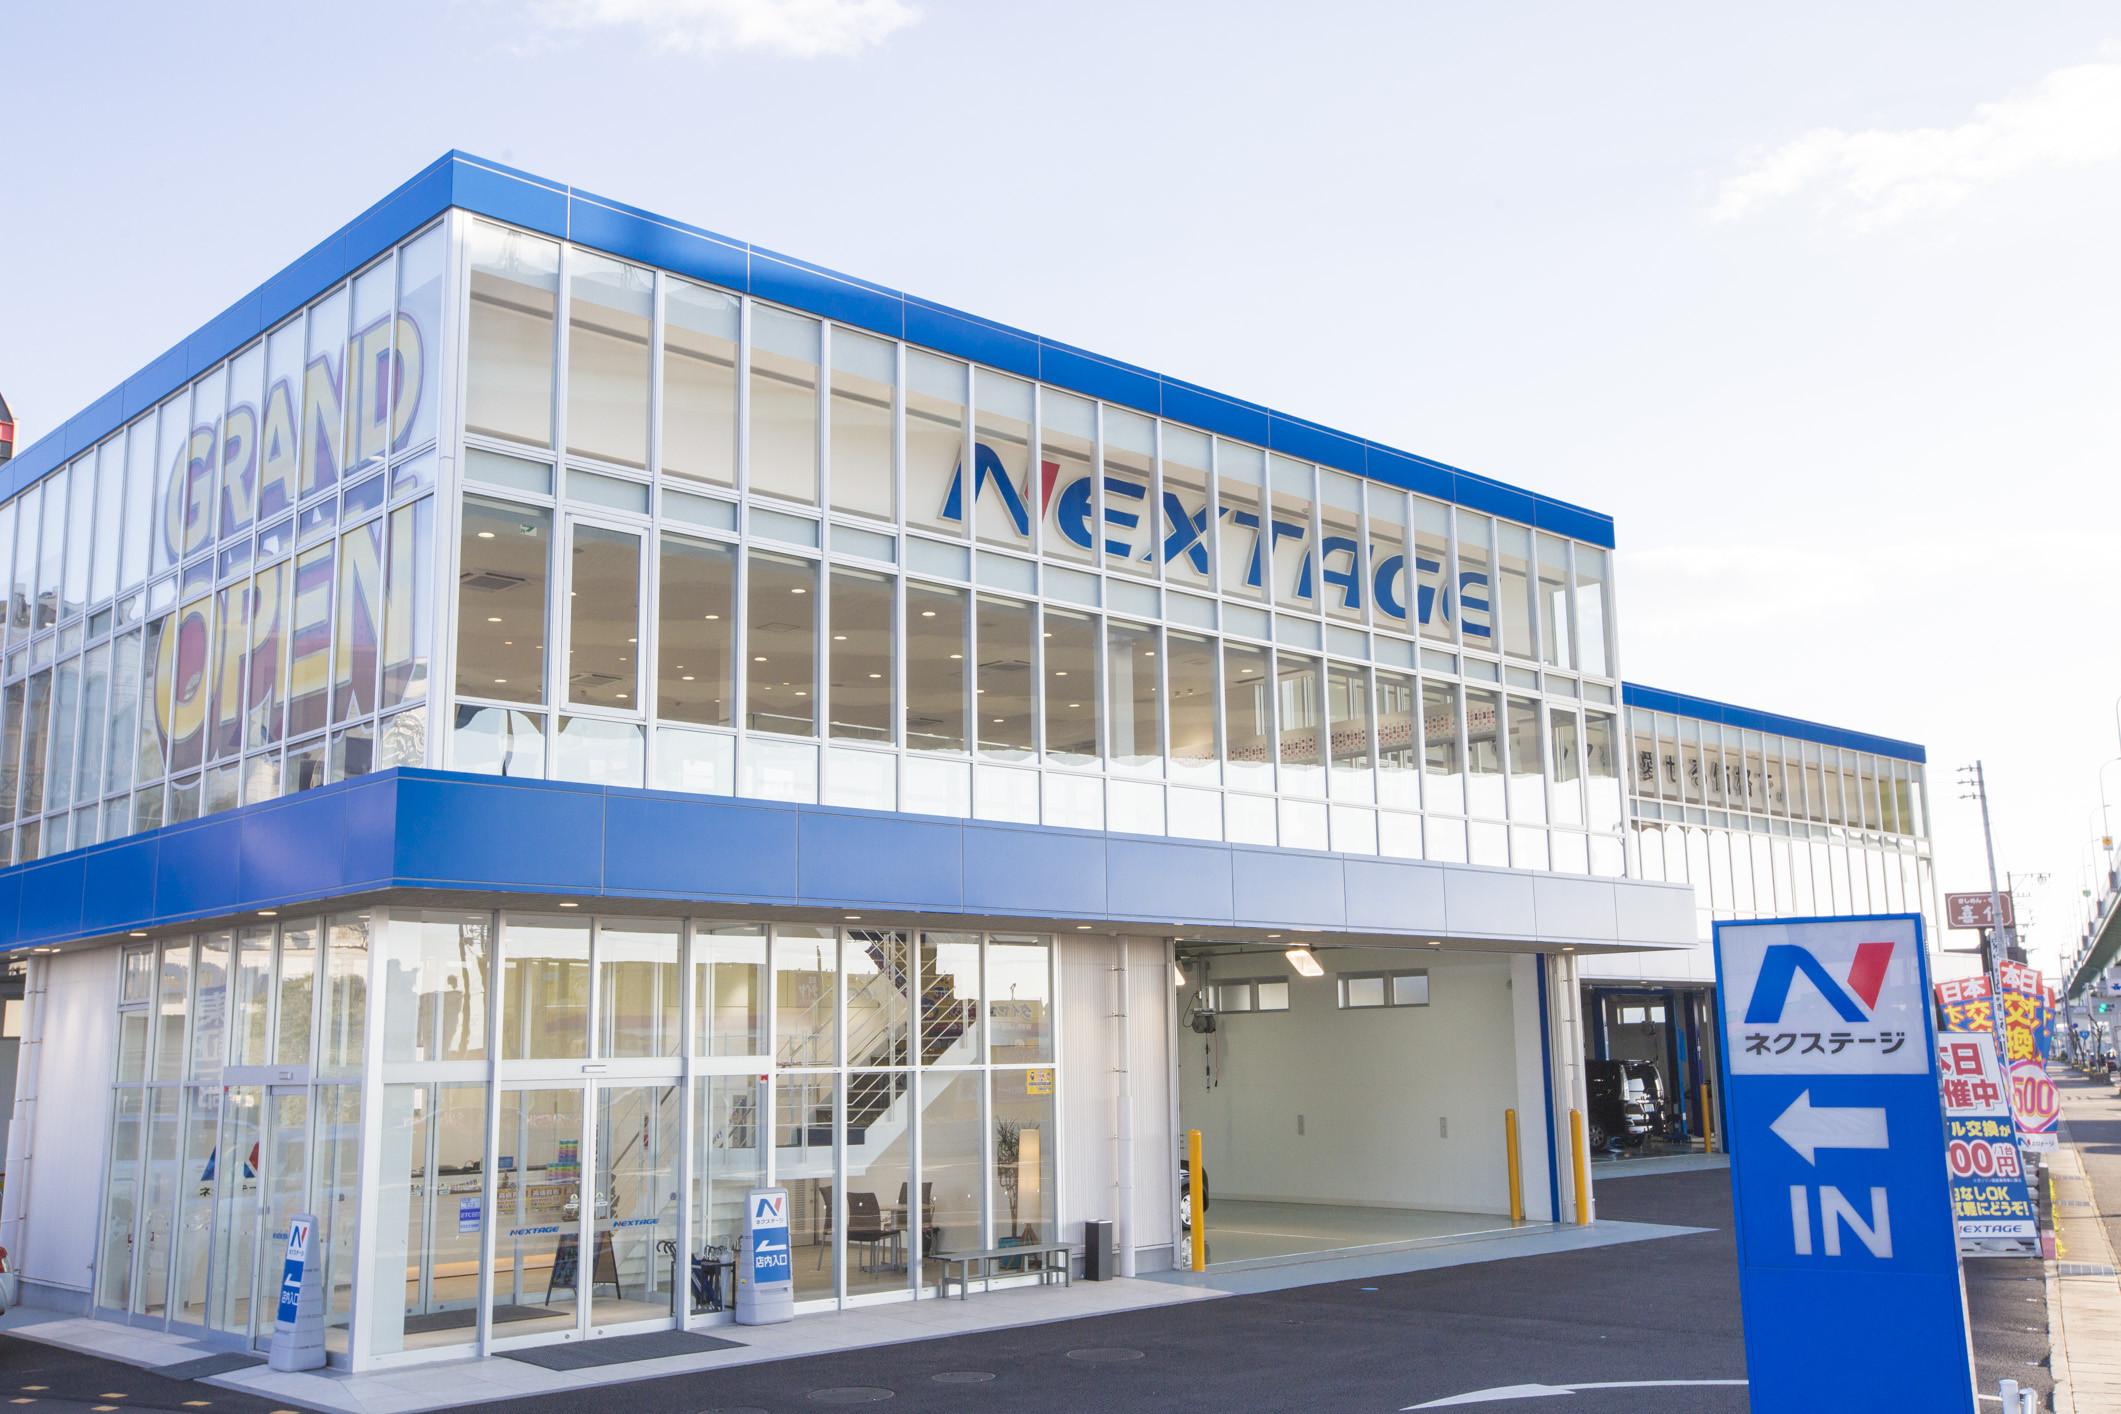 ネクステージ テクニカルセンター博多のアルバイト情報